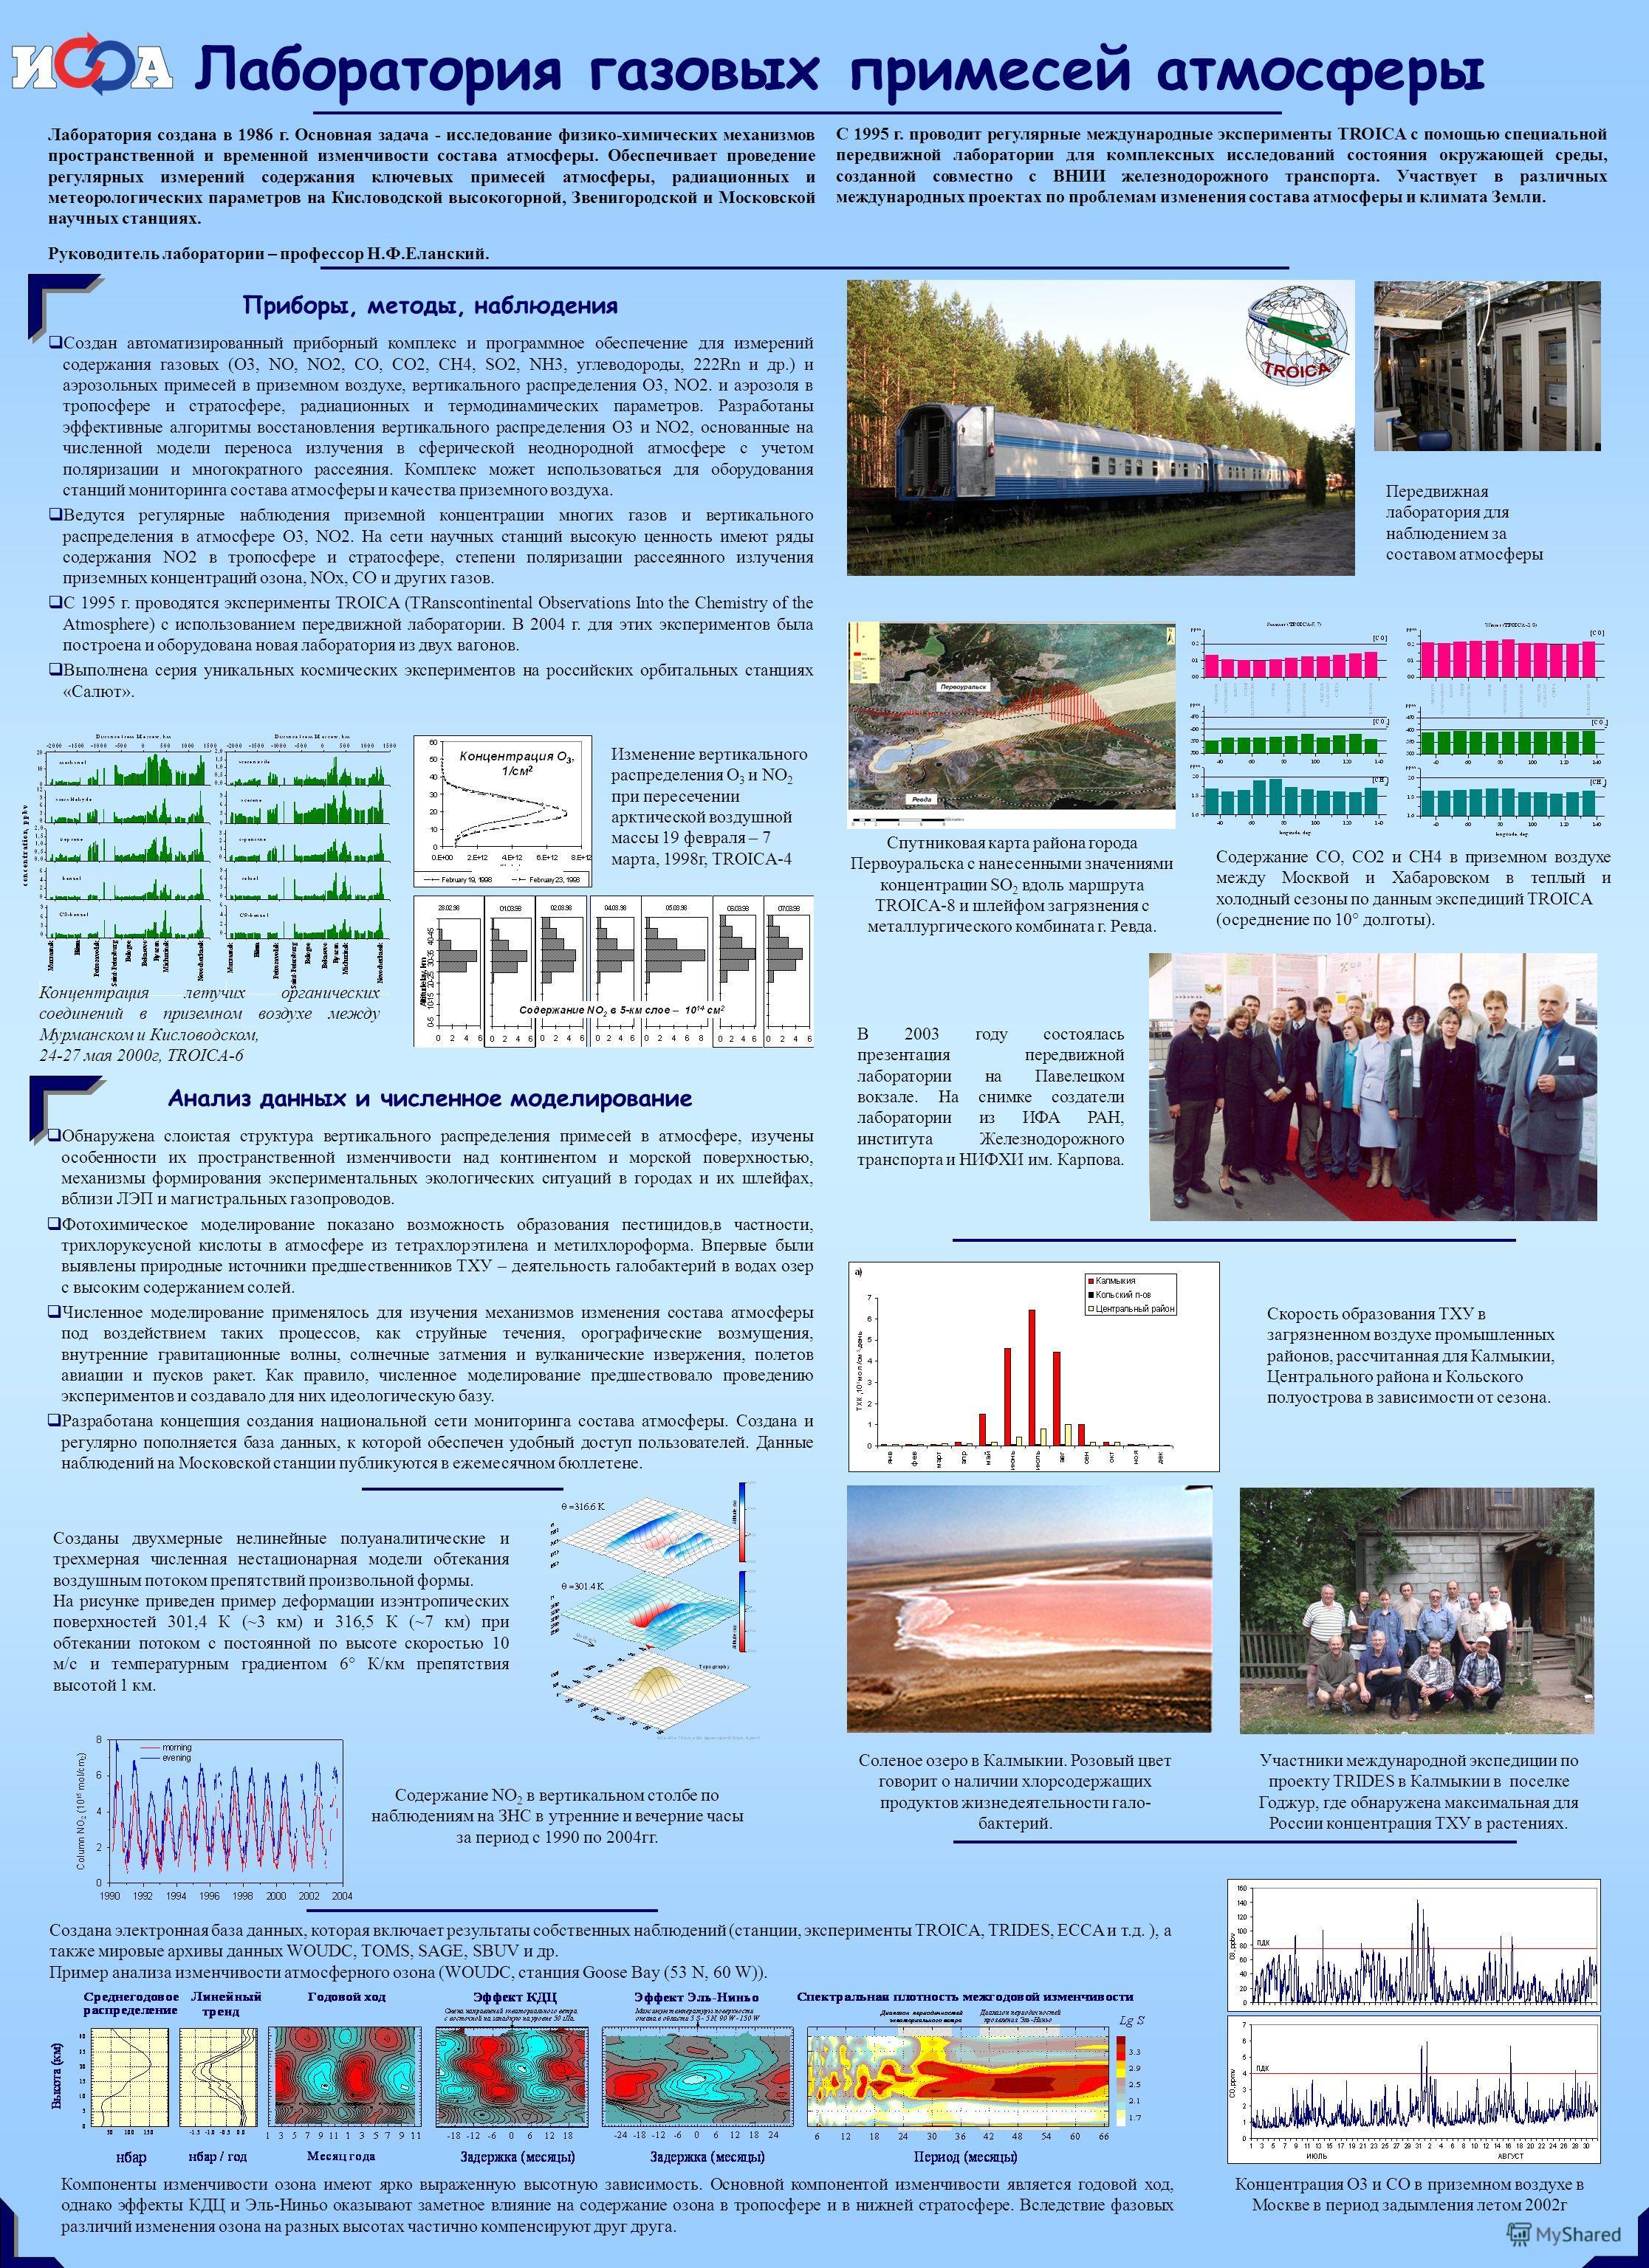 Лаборатория газовых примесей атмосферы Лаборатория создана в 1986 г. Основная задача - исследование физико-химических механизмов пространственной и временной изменчивости состава атмосферы. Обеспечивает проведение регулярных измерений содержания ключ